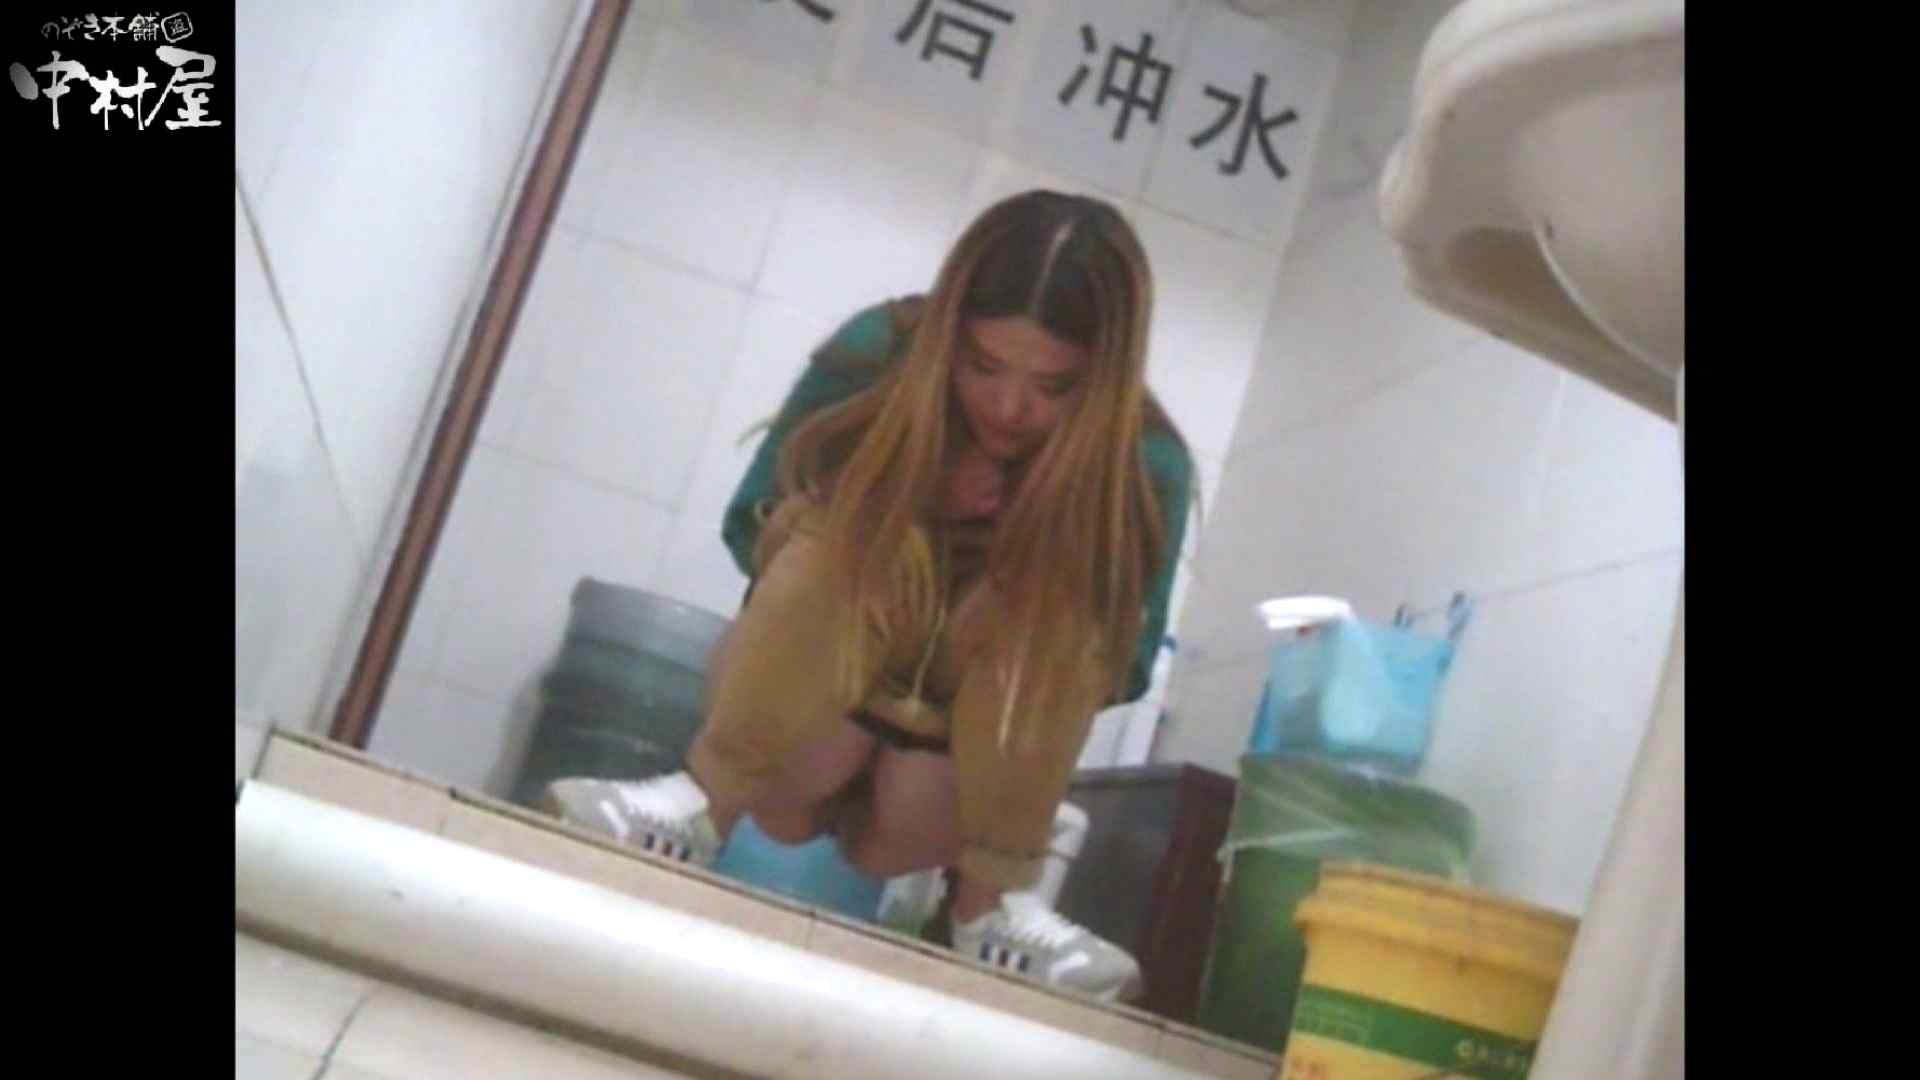 李さんの盗撮日記 Vol.15 トイレ 盗撮 78PIX 60